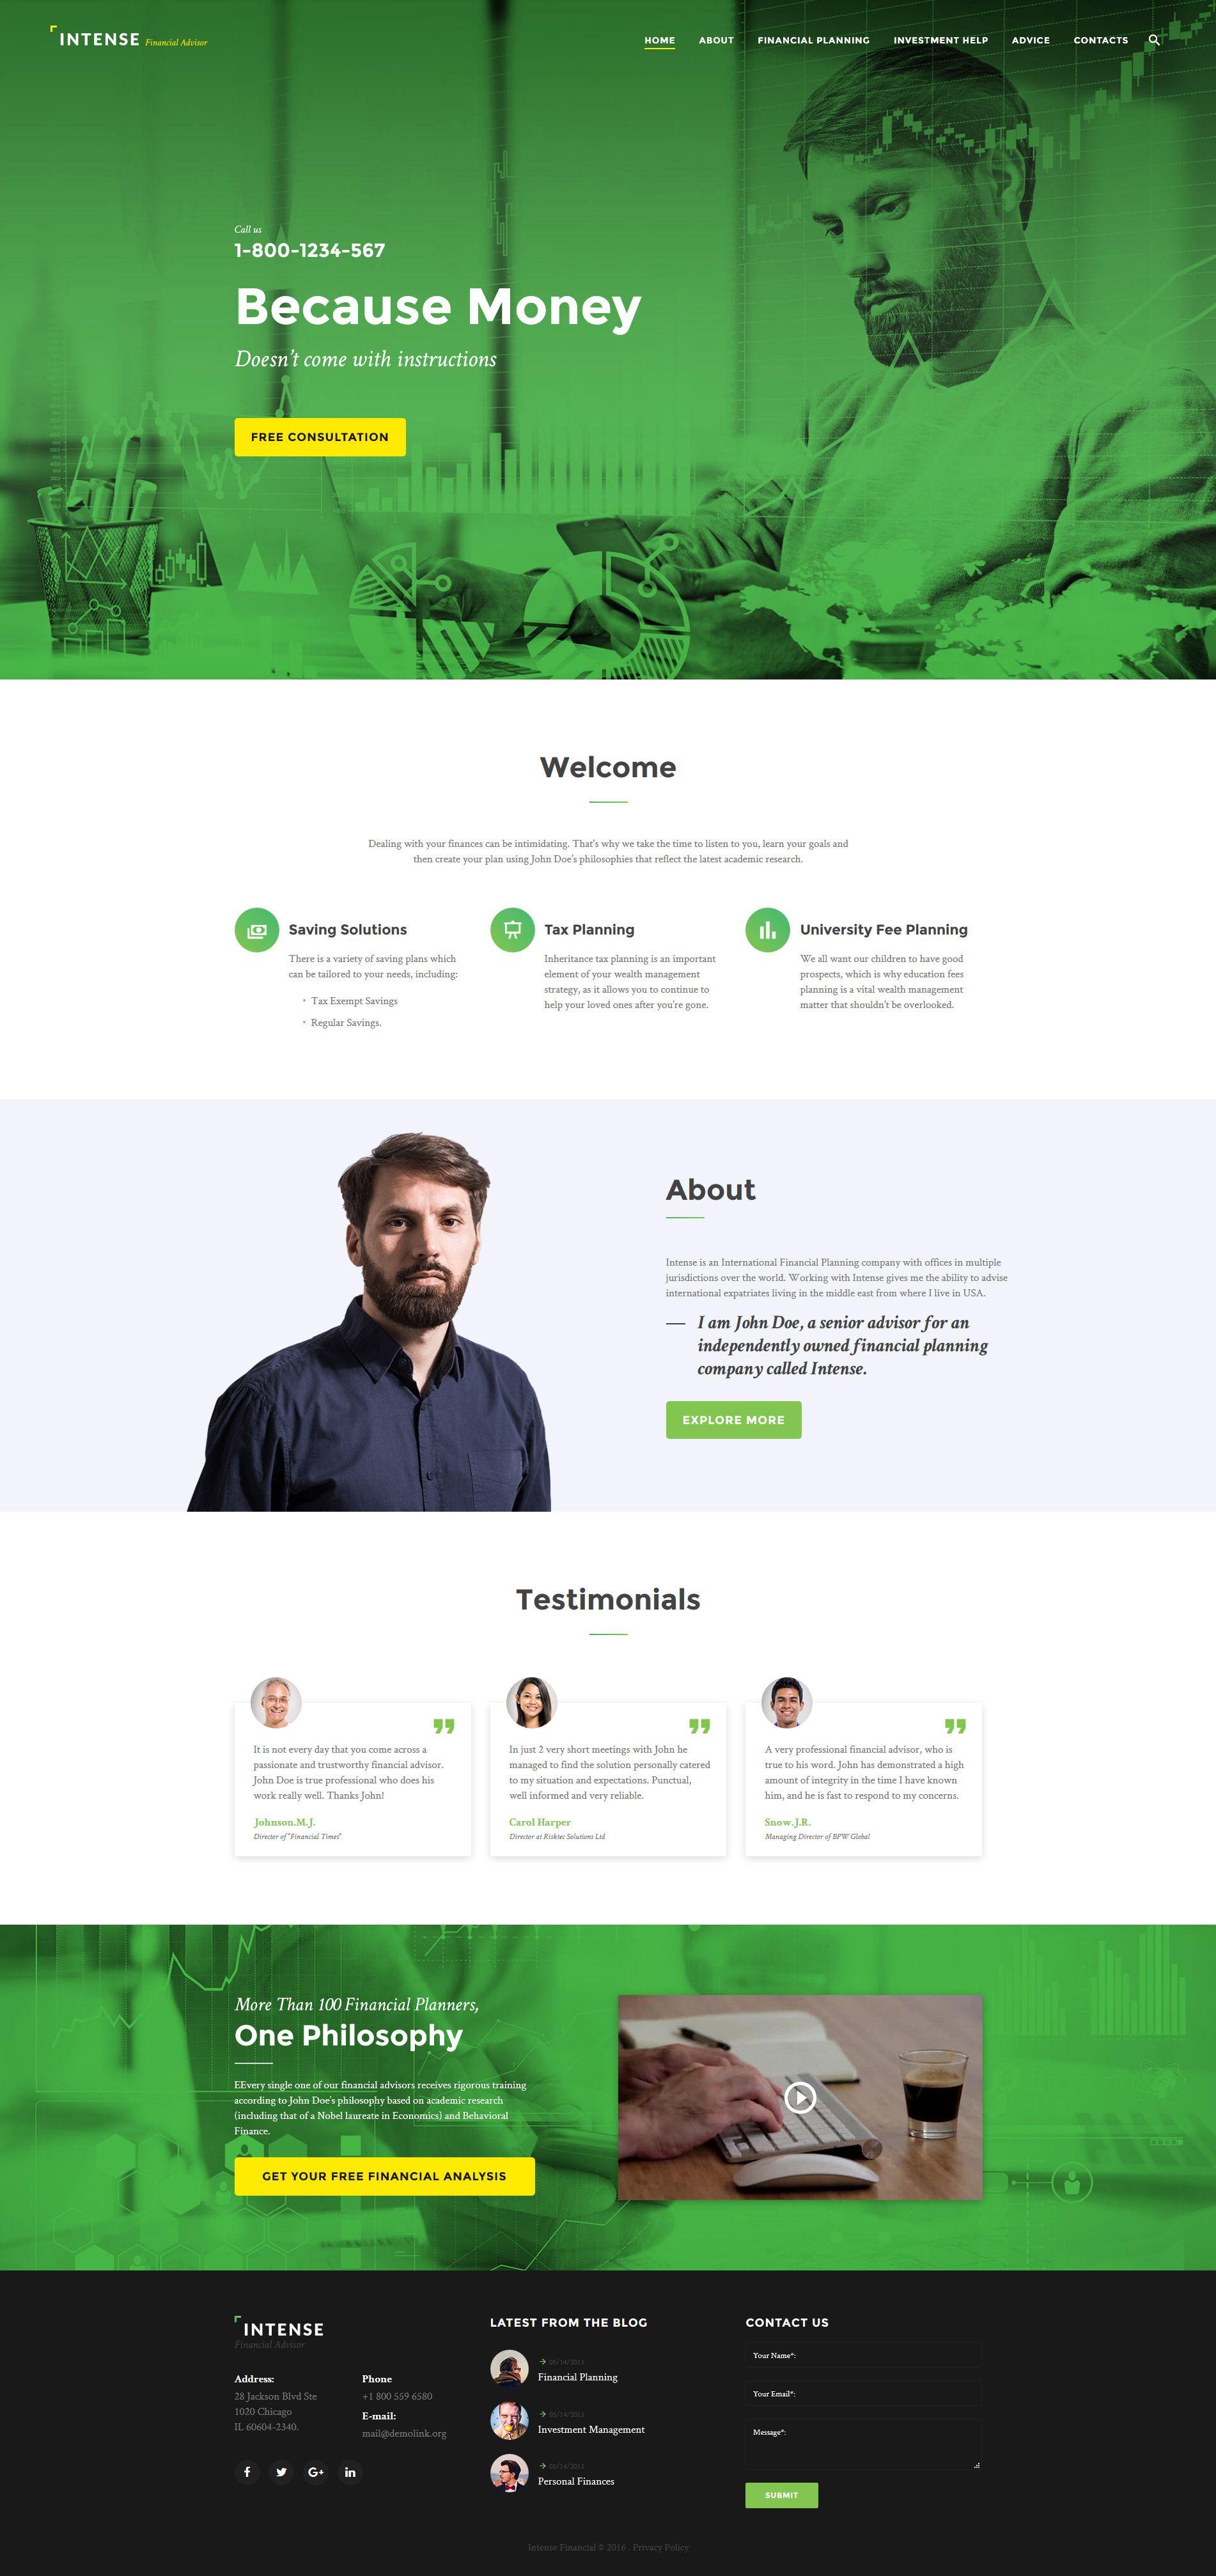 intense financial advisor website template | new website templates